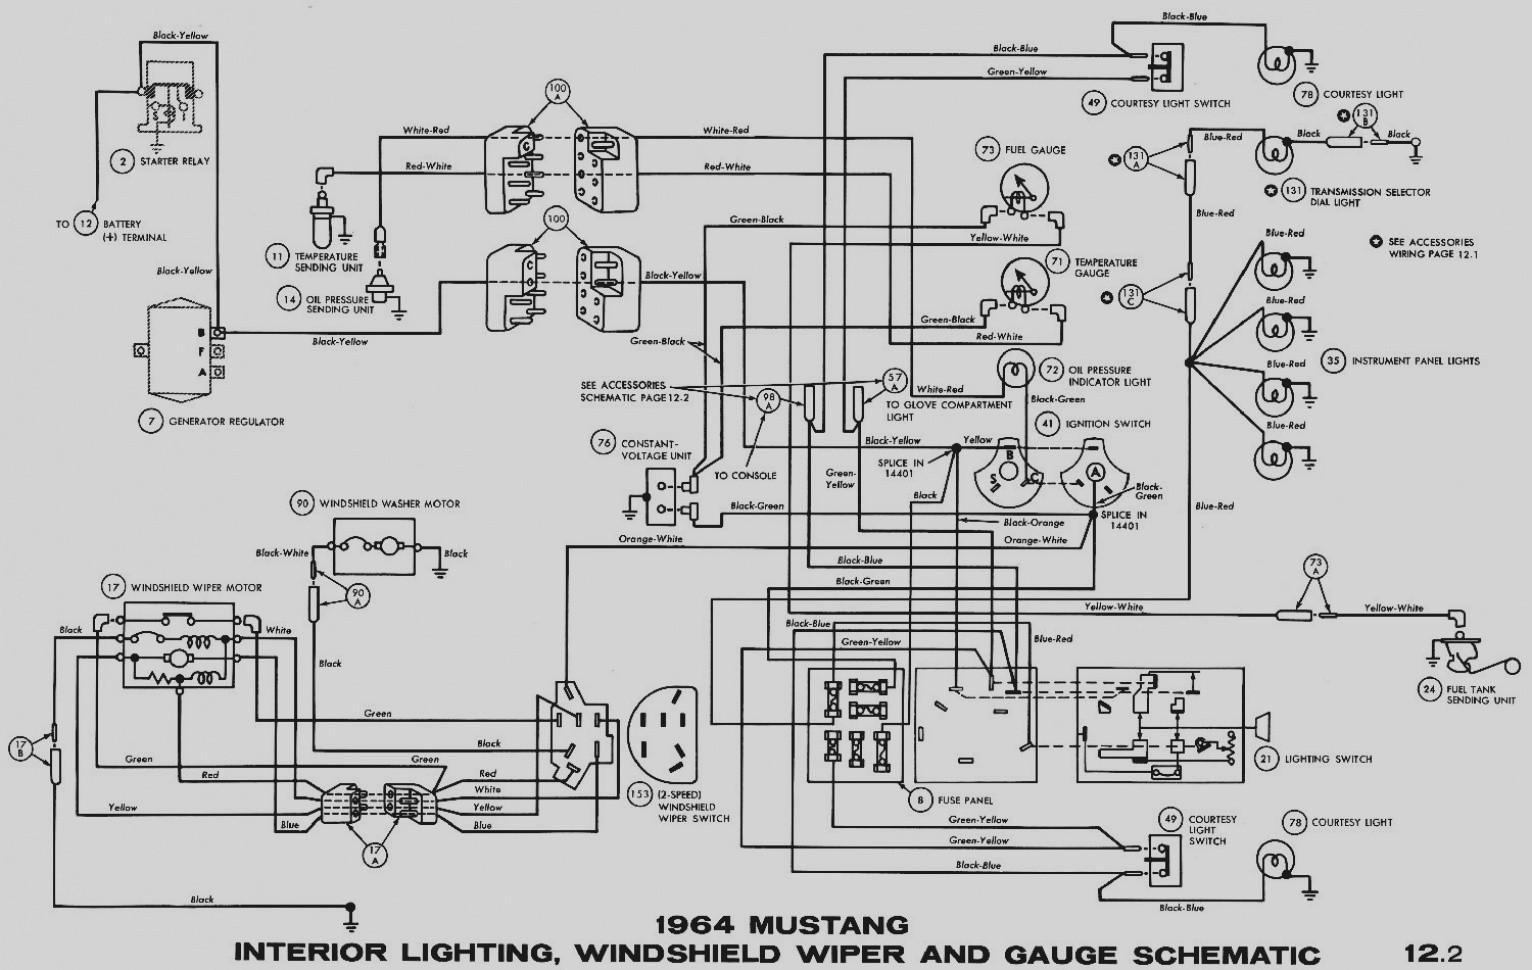 65 ford radio wiring wiring diagram1970 ford radio wiring diagrams data wiring diagram65 mustang radio wiring diagrams free download diagram wiring